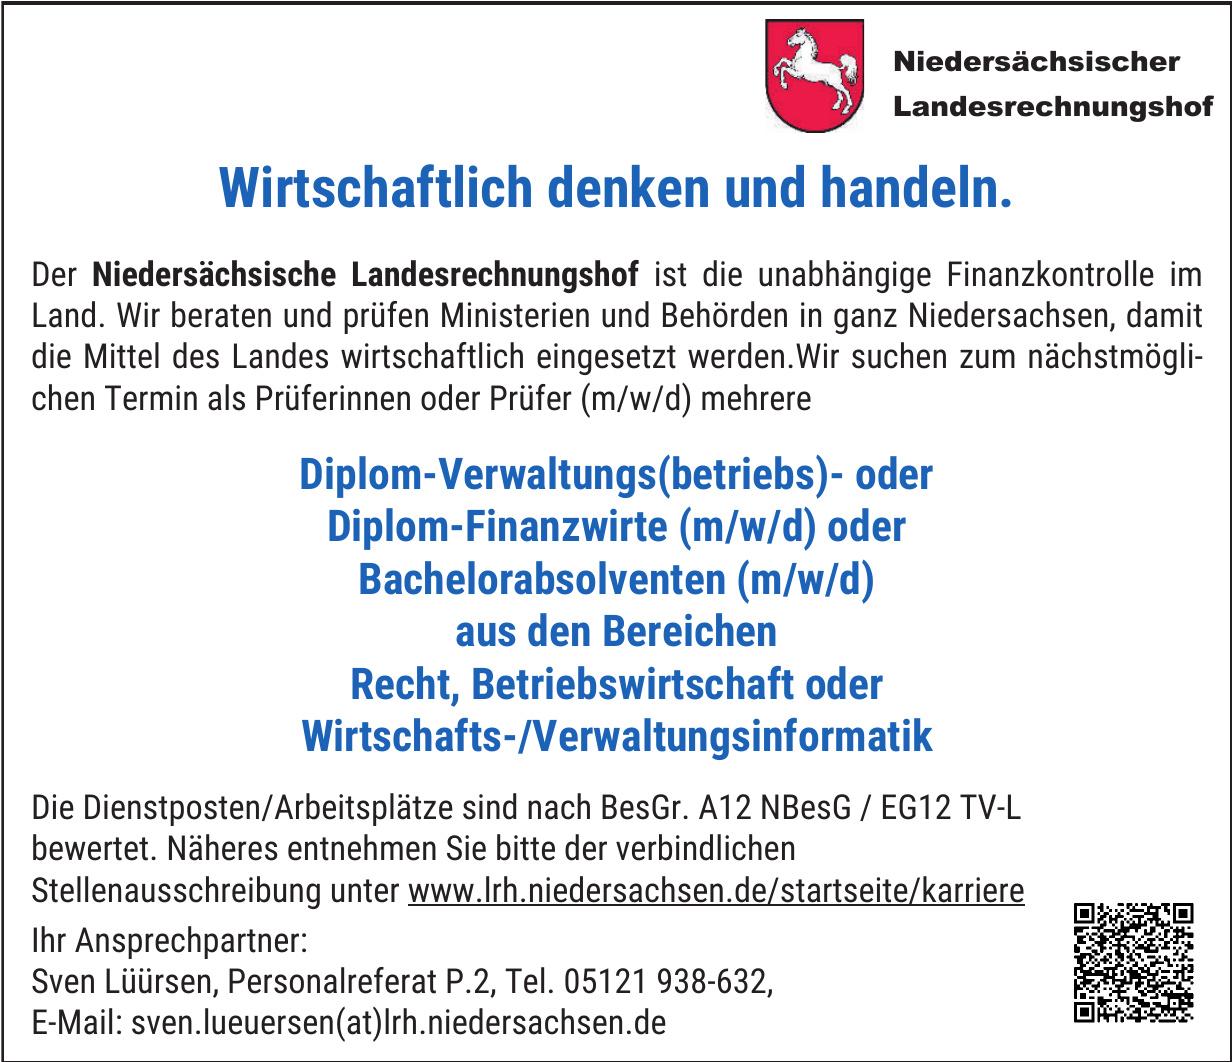 Der Niedersächsische Landesrechnungshof